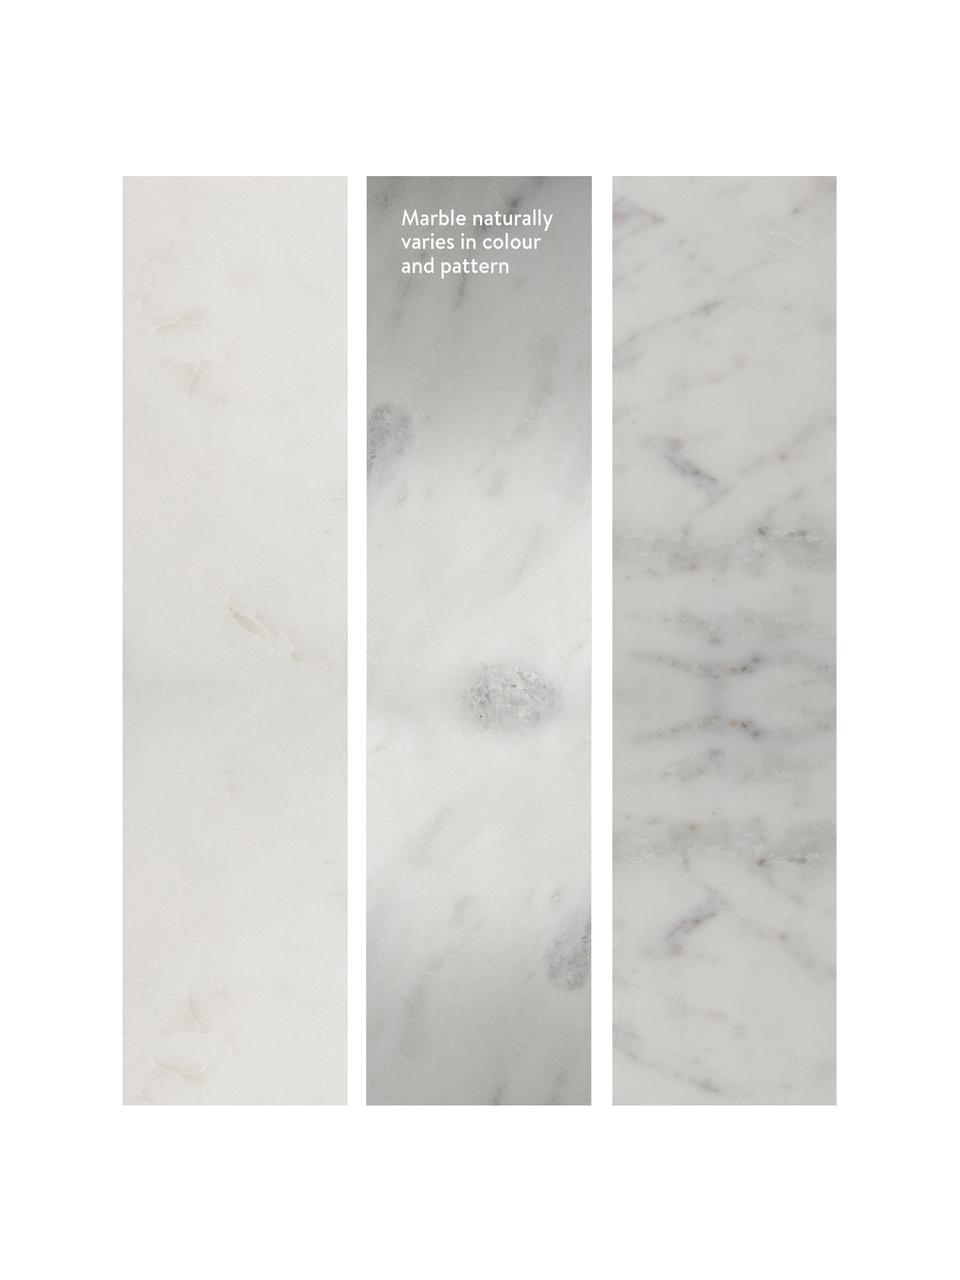 Großer Marmor-Couchtisch Alys, Tischplatte: Marmor, Gestell: Metall, pulverbeschichtet, Weißer Marmor, Schwarz, 120 x 35 cm